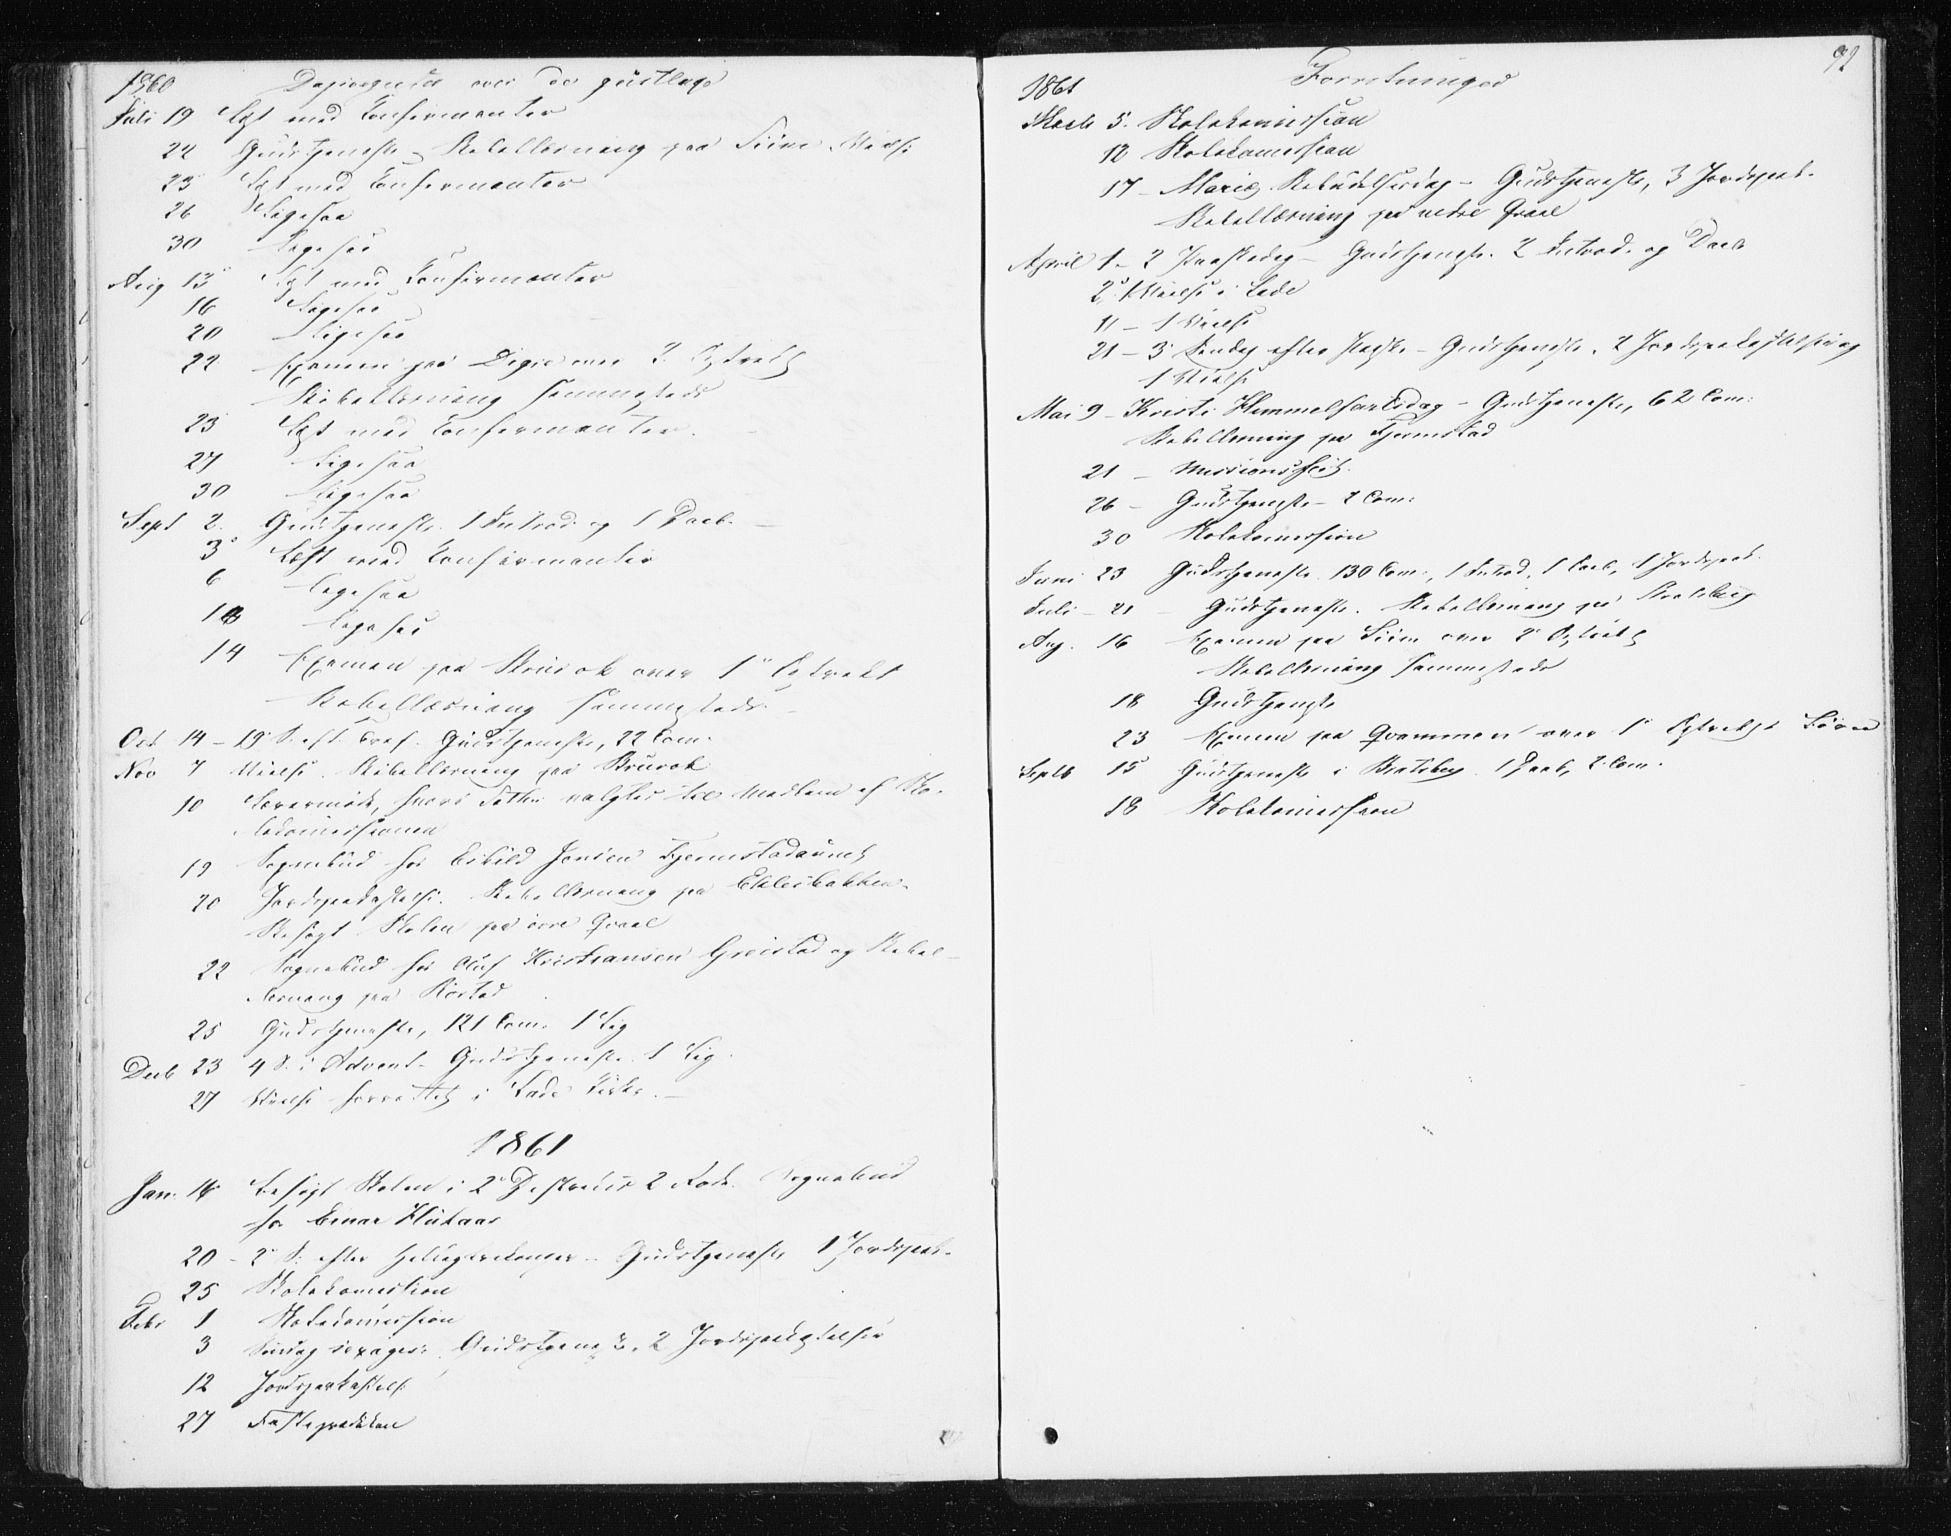 SAT, Ministerialprotokoller, klokkerbøker og fødselsregistre - Sør-Trøndelag, 608/L0332: Ministerialbok nr. 608A01, 1848-1861, s. 92